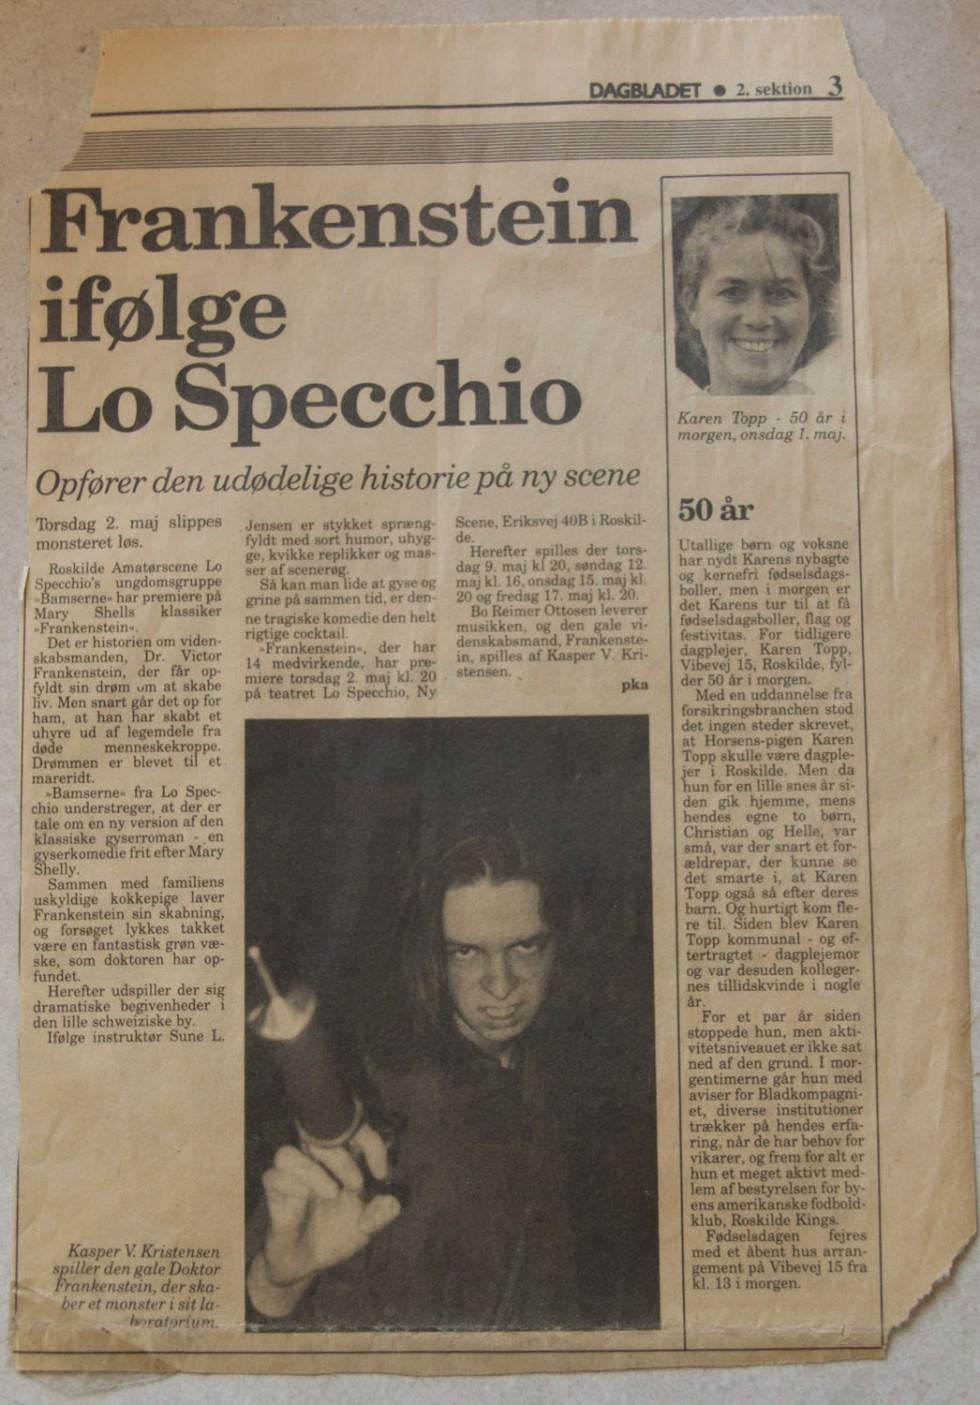 Også fra min langhårede periode, avisudklip om teaterstykket Frankenstein.